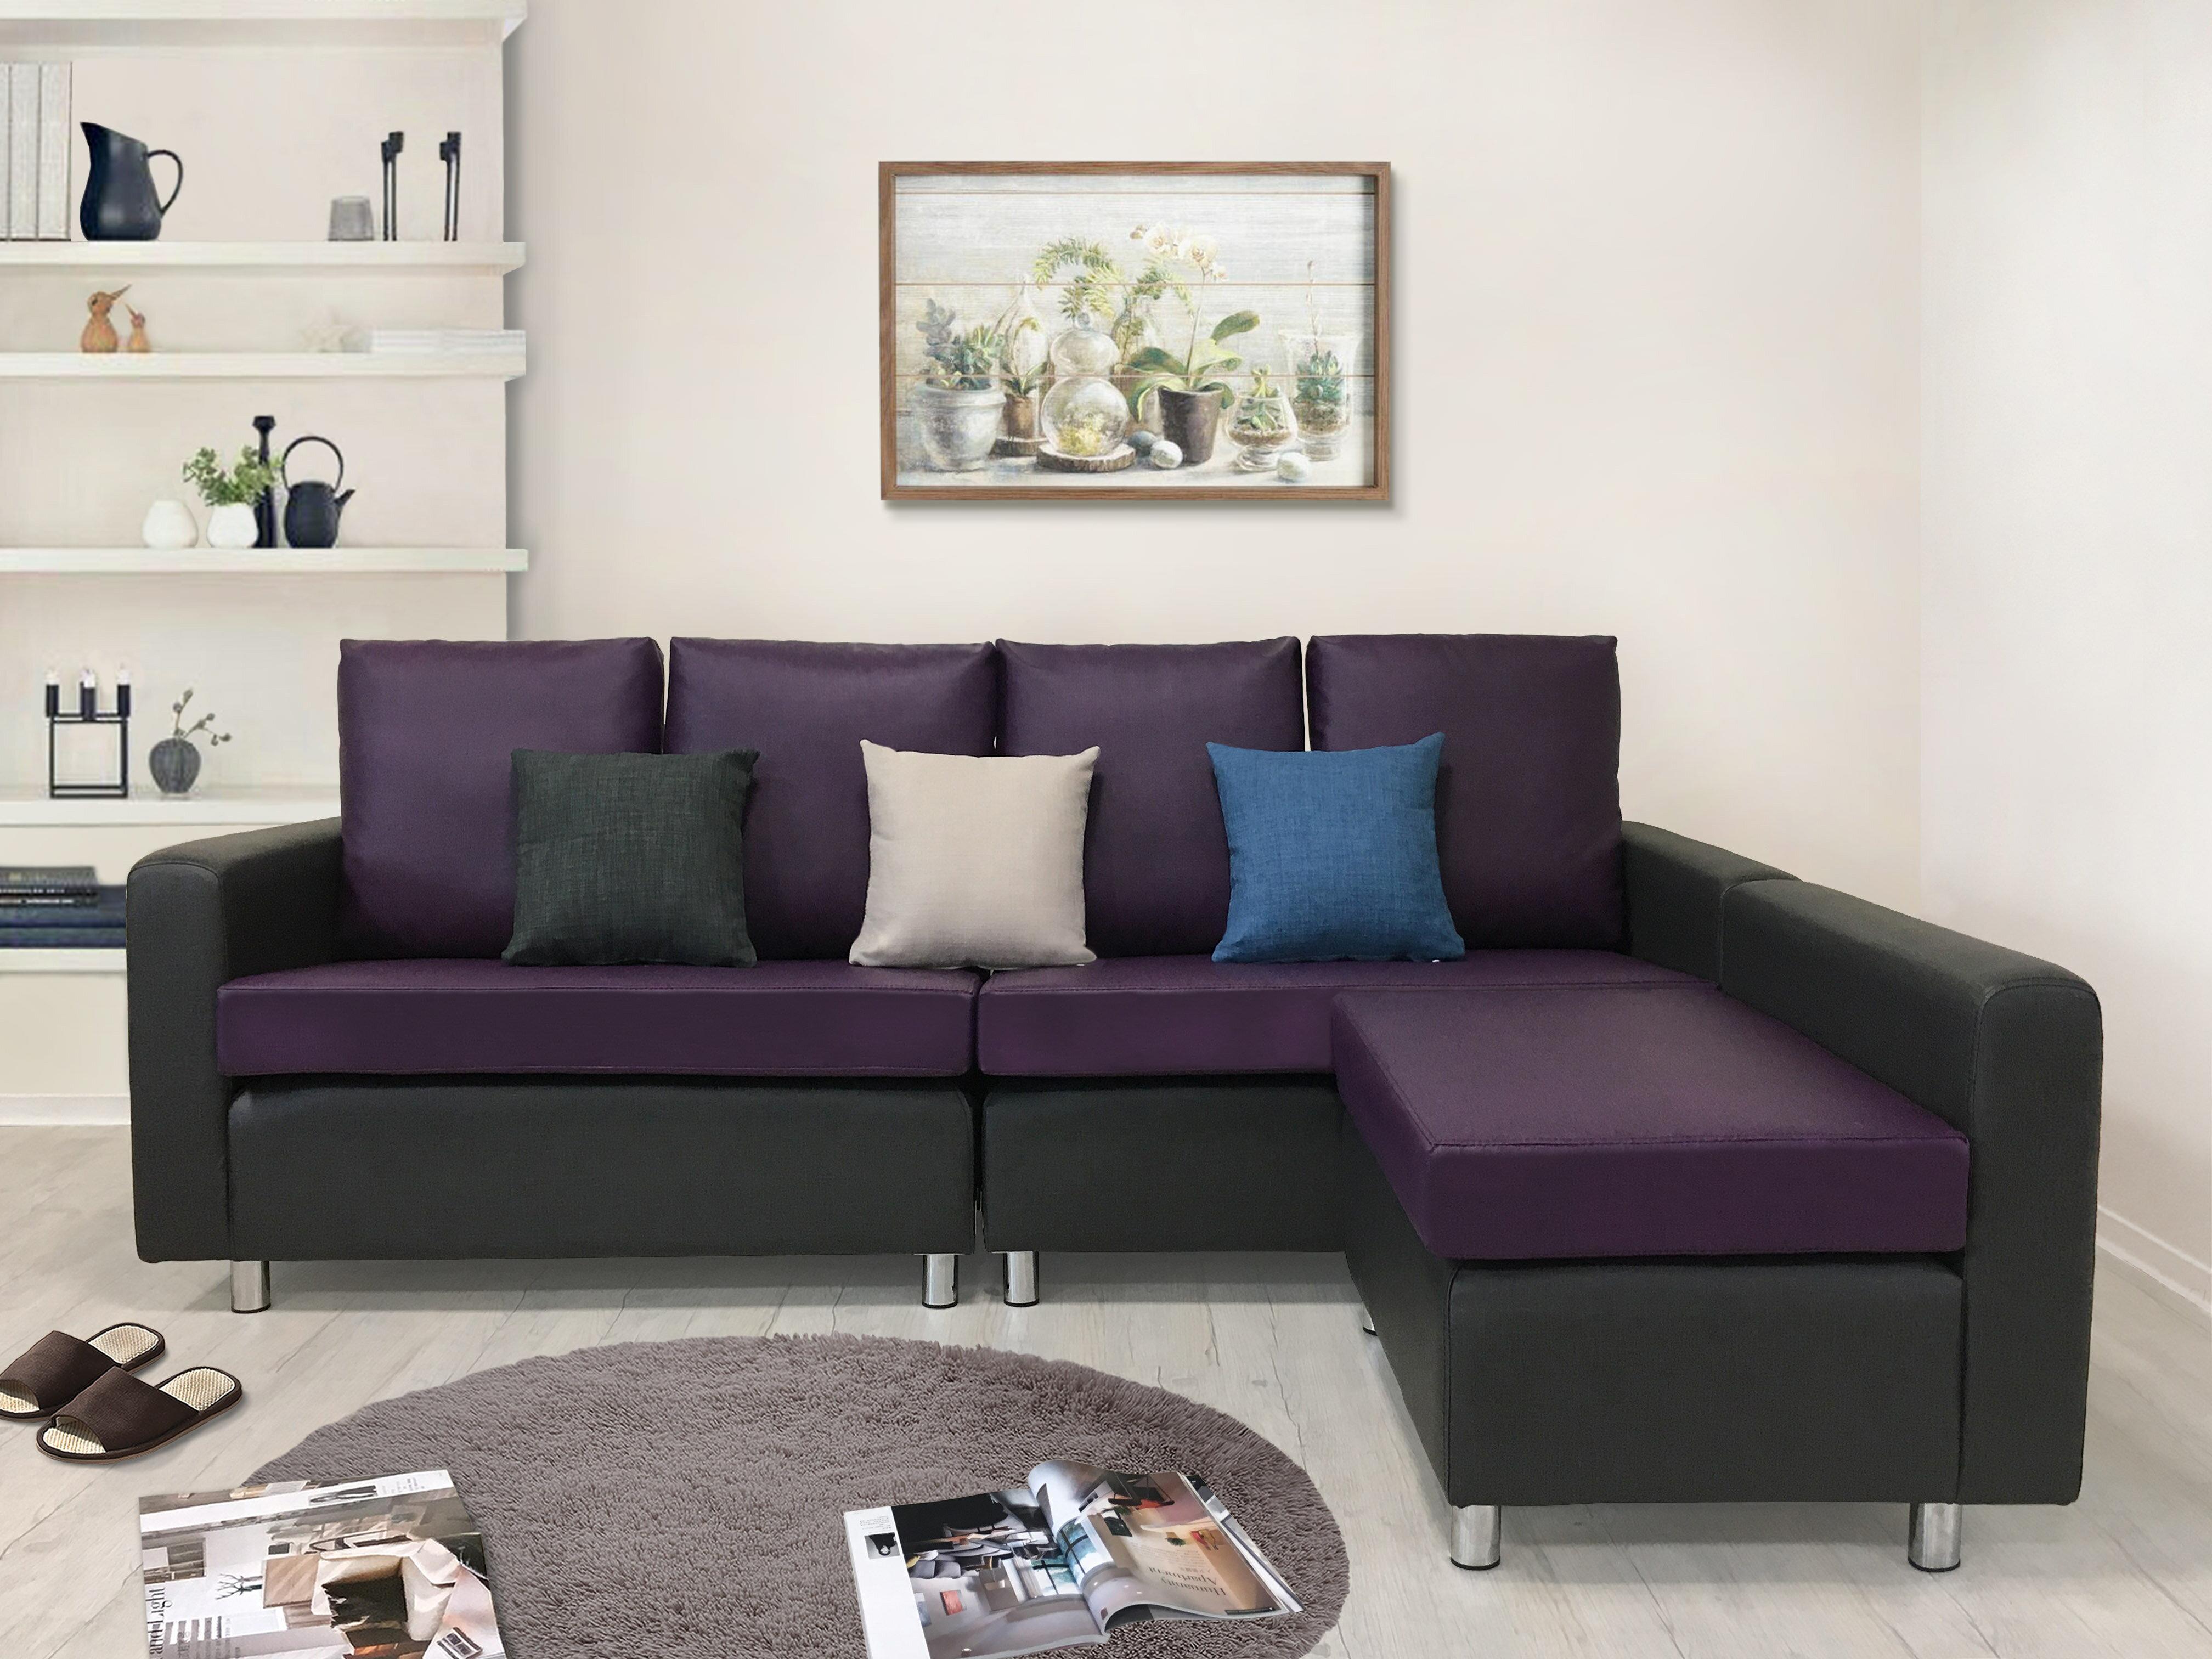 !新生活家具!《福祿雙全》簡約 素雅 布沙發 皮沙發 四人位沙發+腳椅 L型沙發組 多色可選